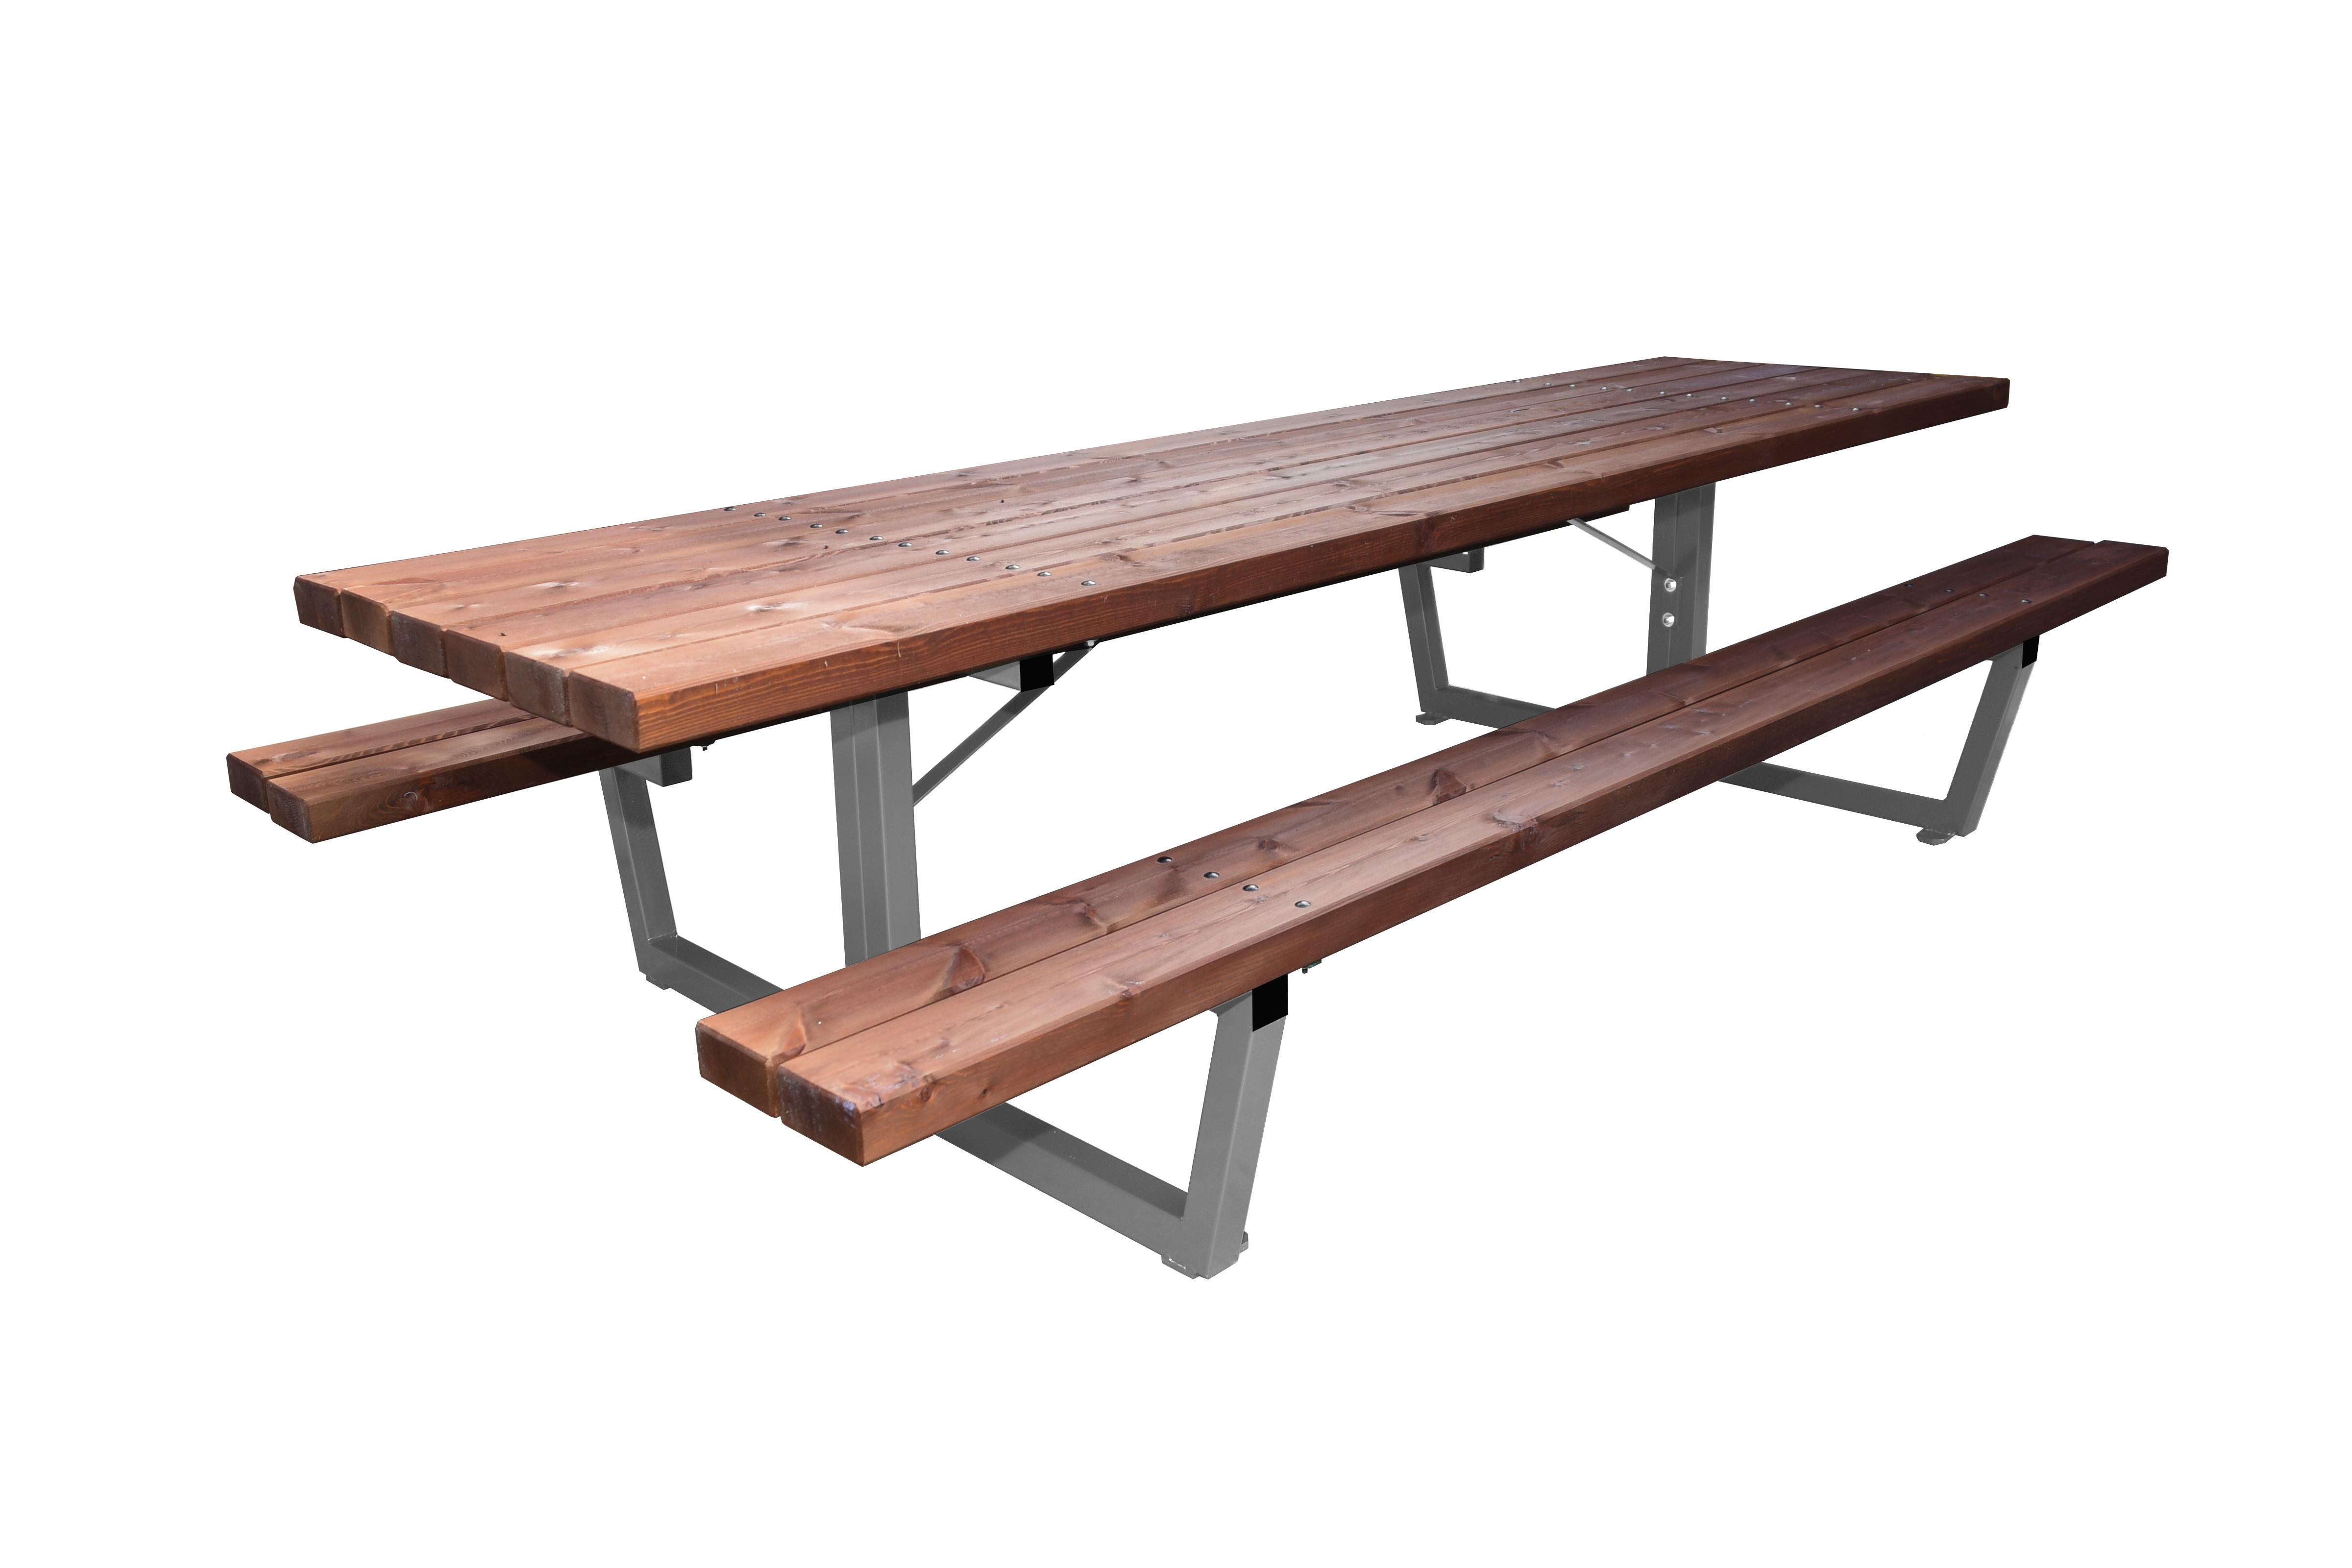 Mesas de exterior de madera mesa de quincho a disfrutar - Mesas de madera para exterior ...